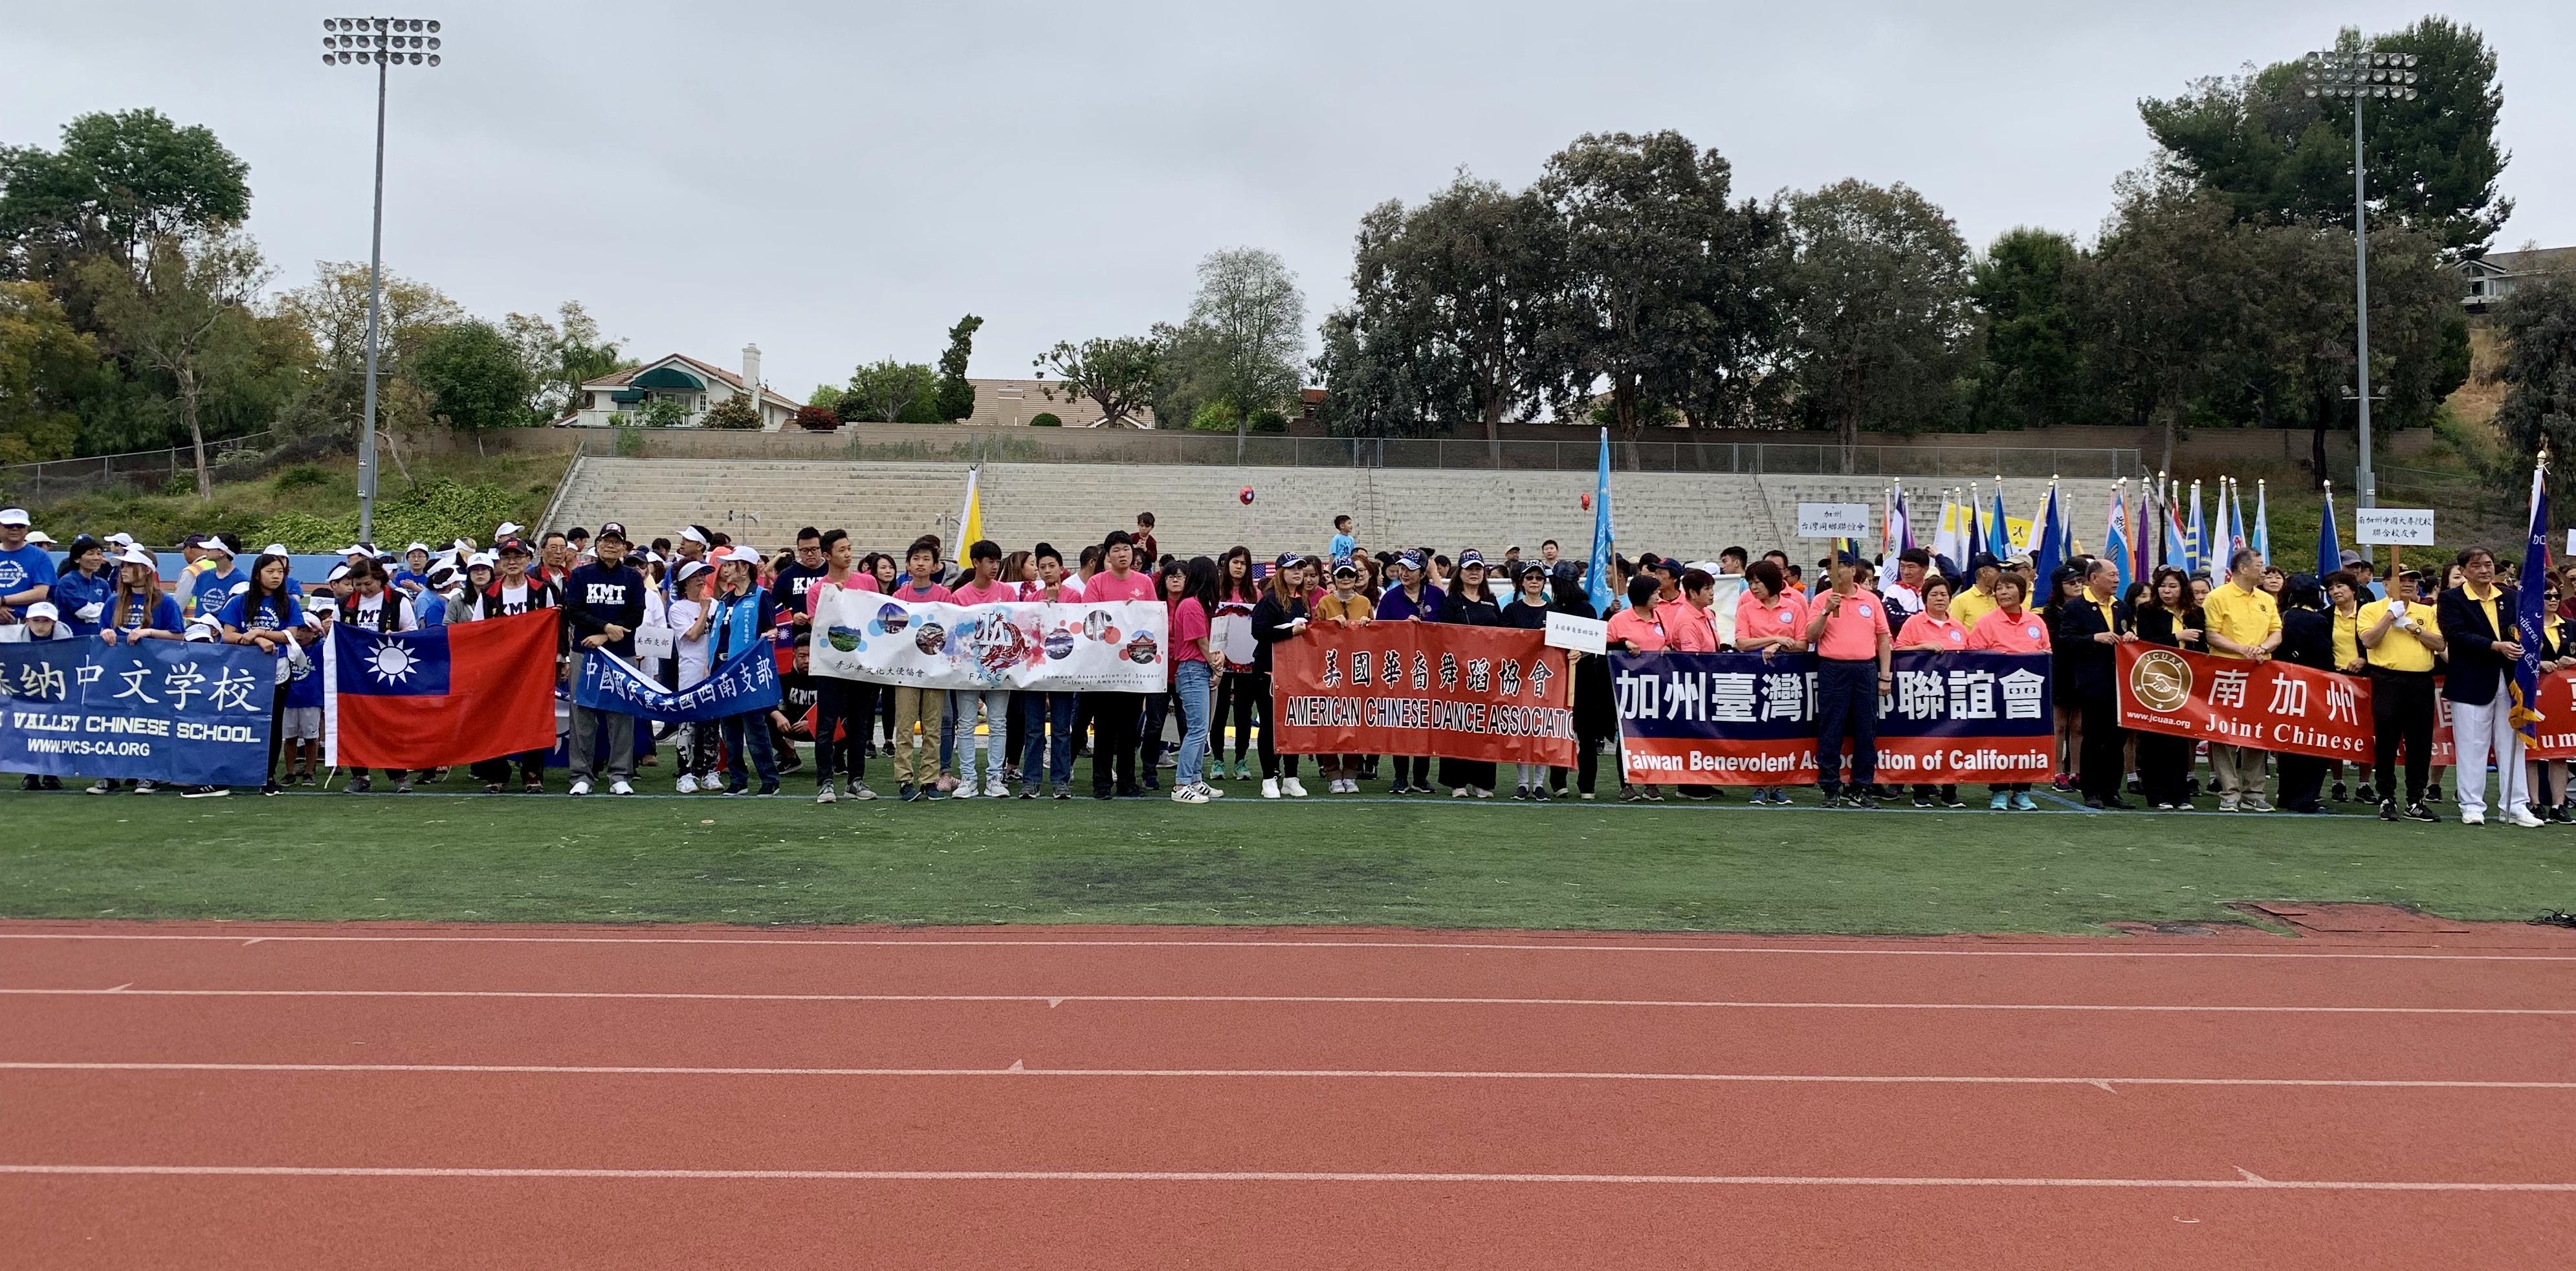 海華運動會27日上午在核桃高中熱鬧展開,吸引超過2000人次。記者黃品瑄攝